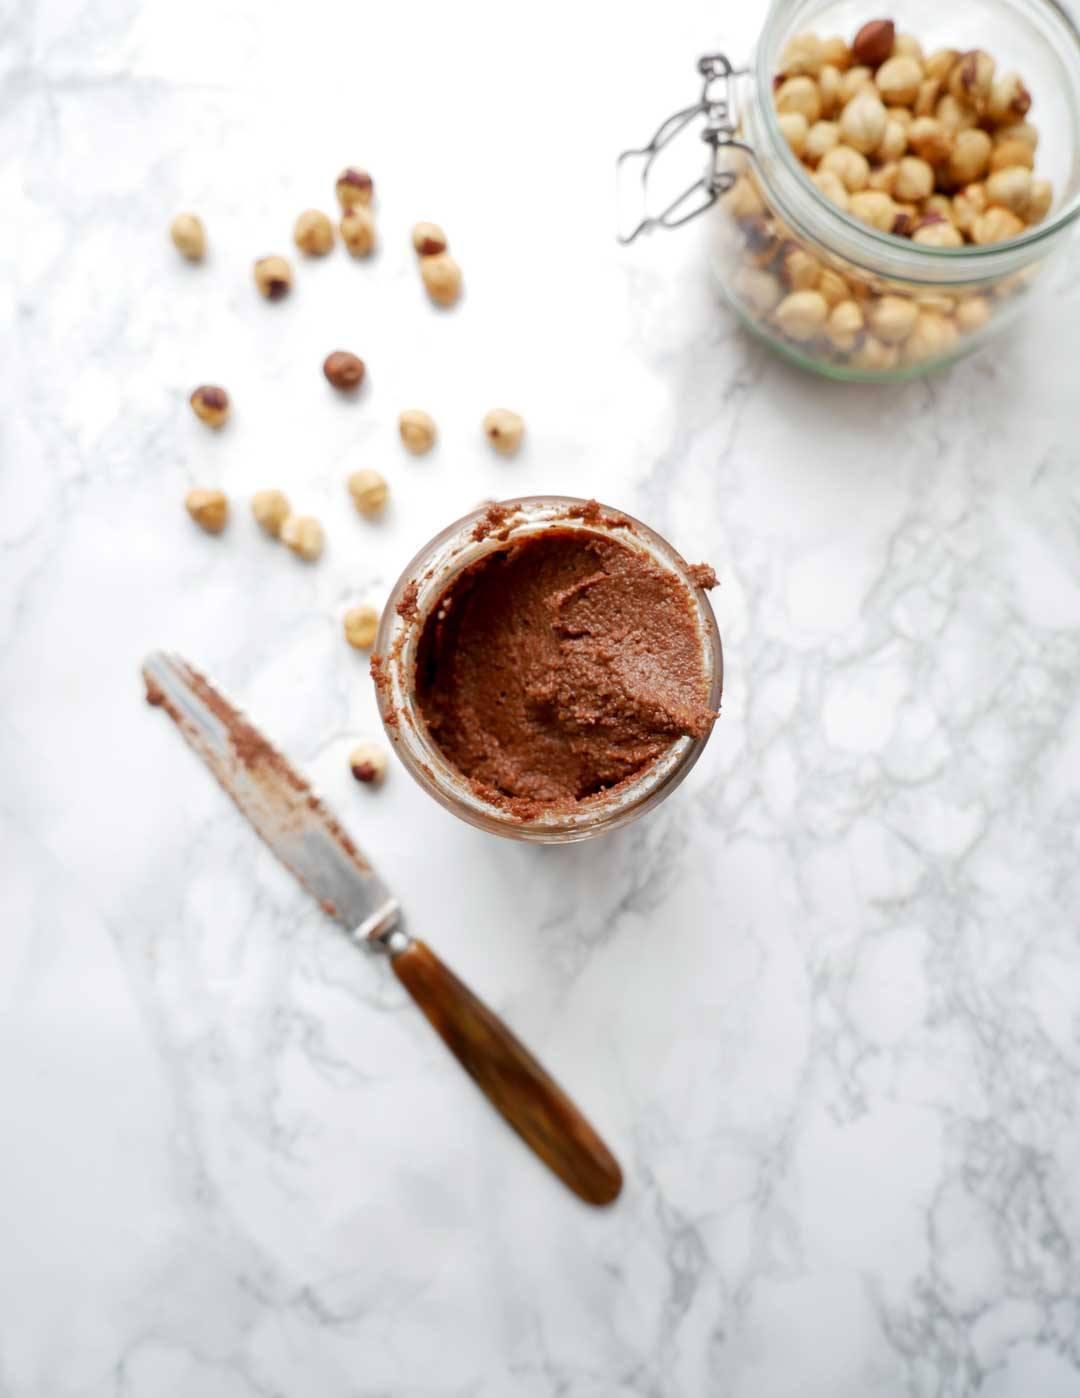 homemade healthy vegan nutella spread